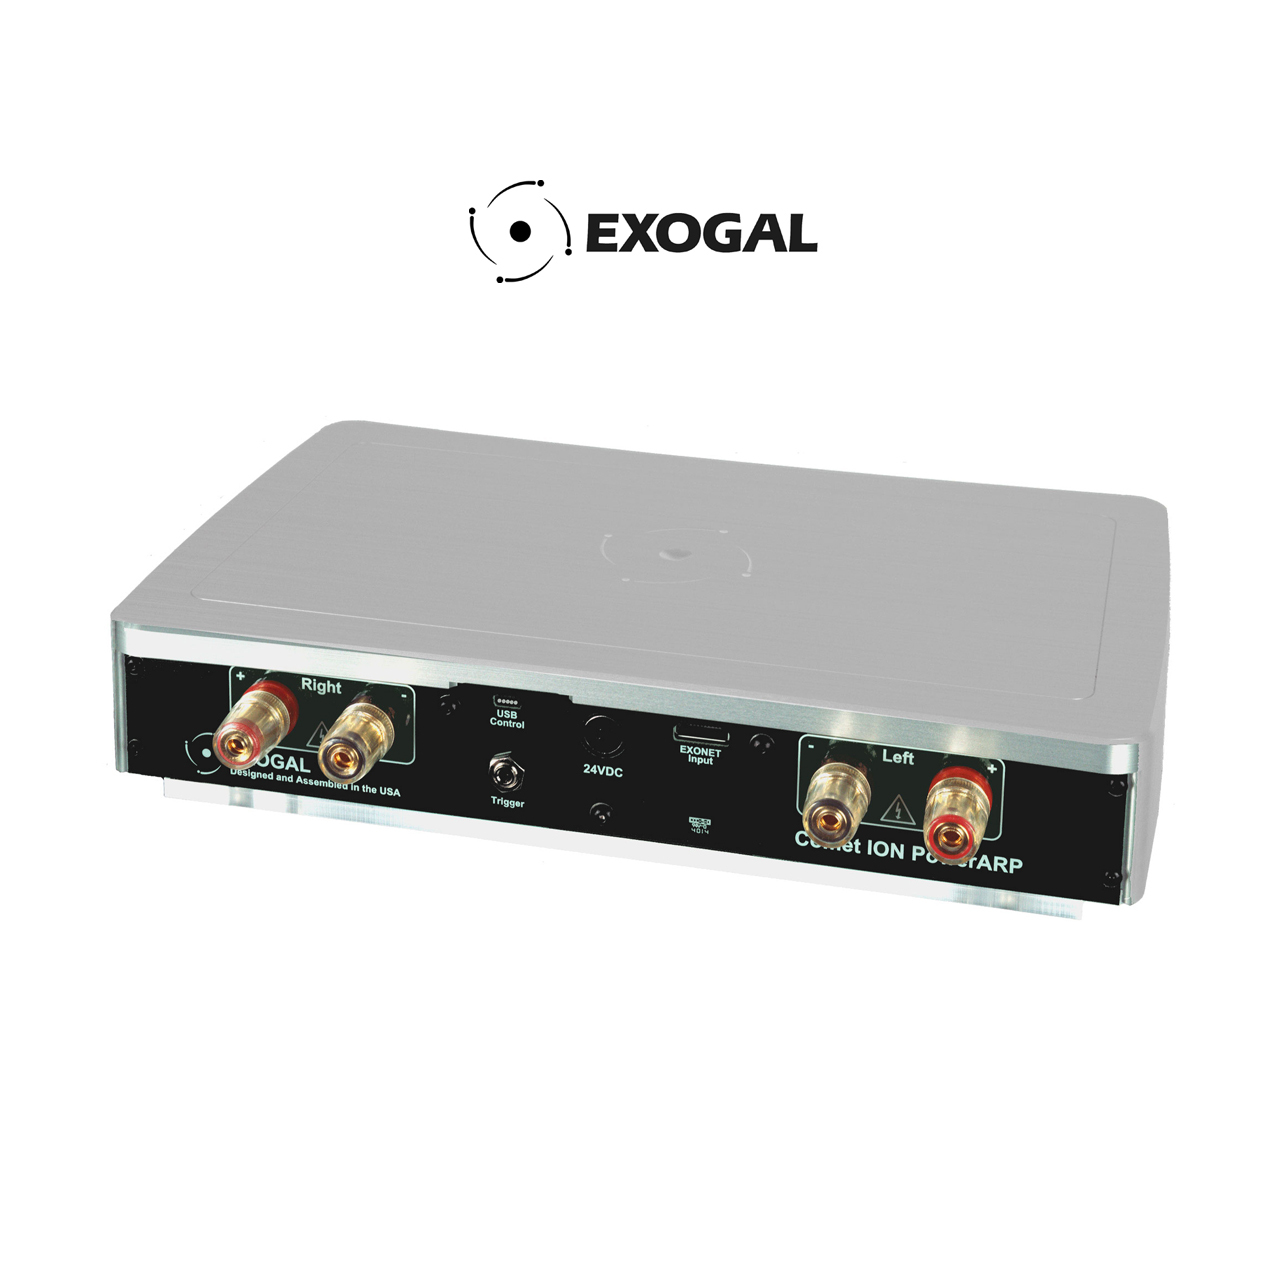 EXOGAL(エクソギャル) Ion